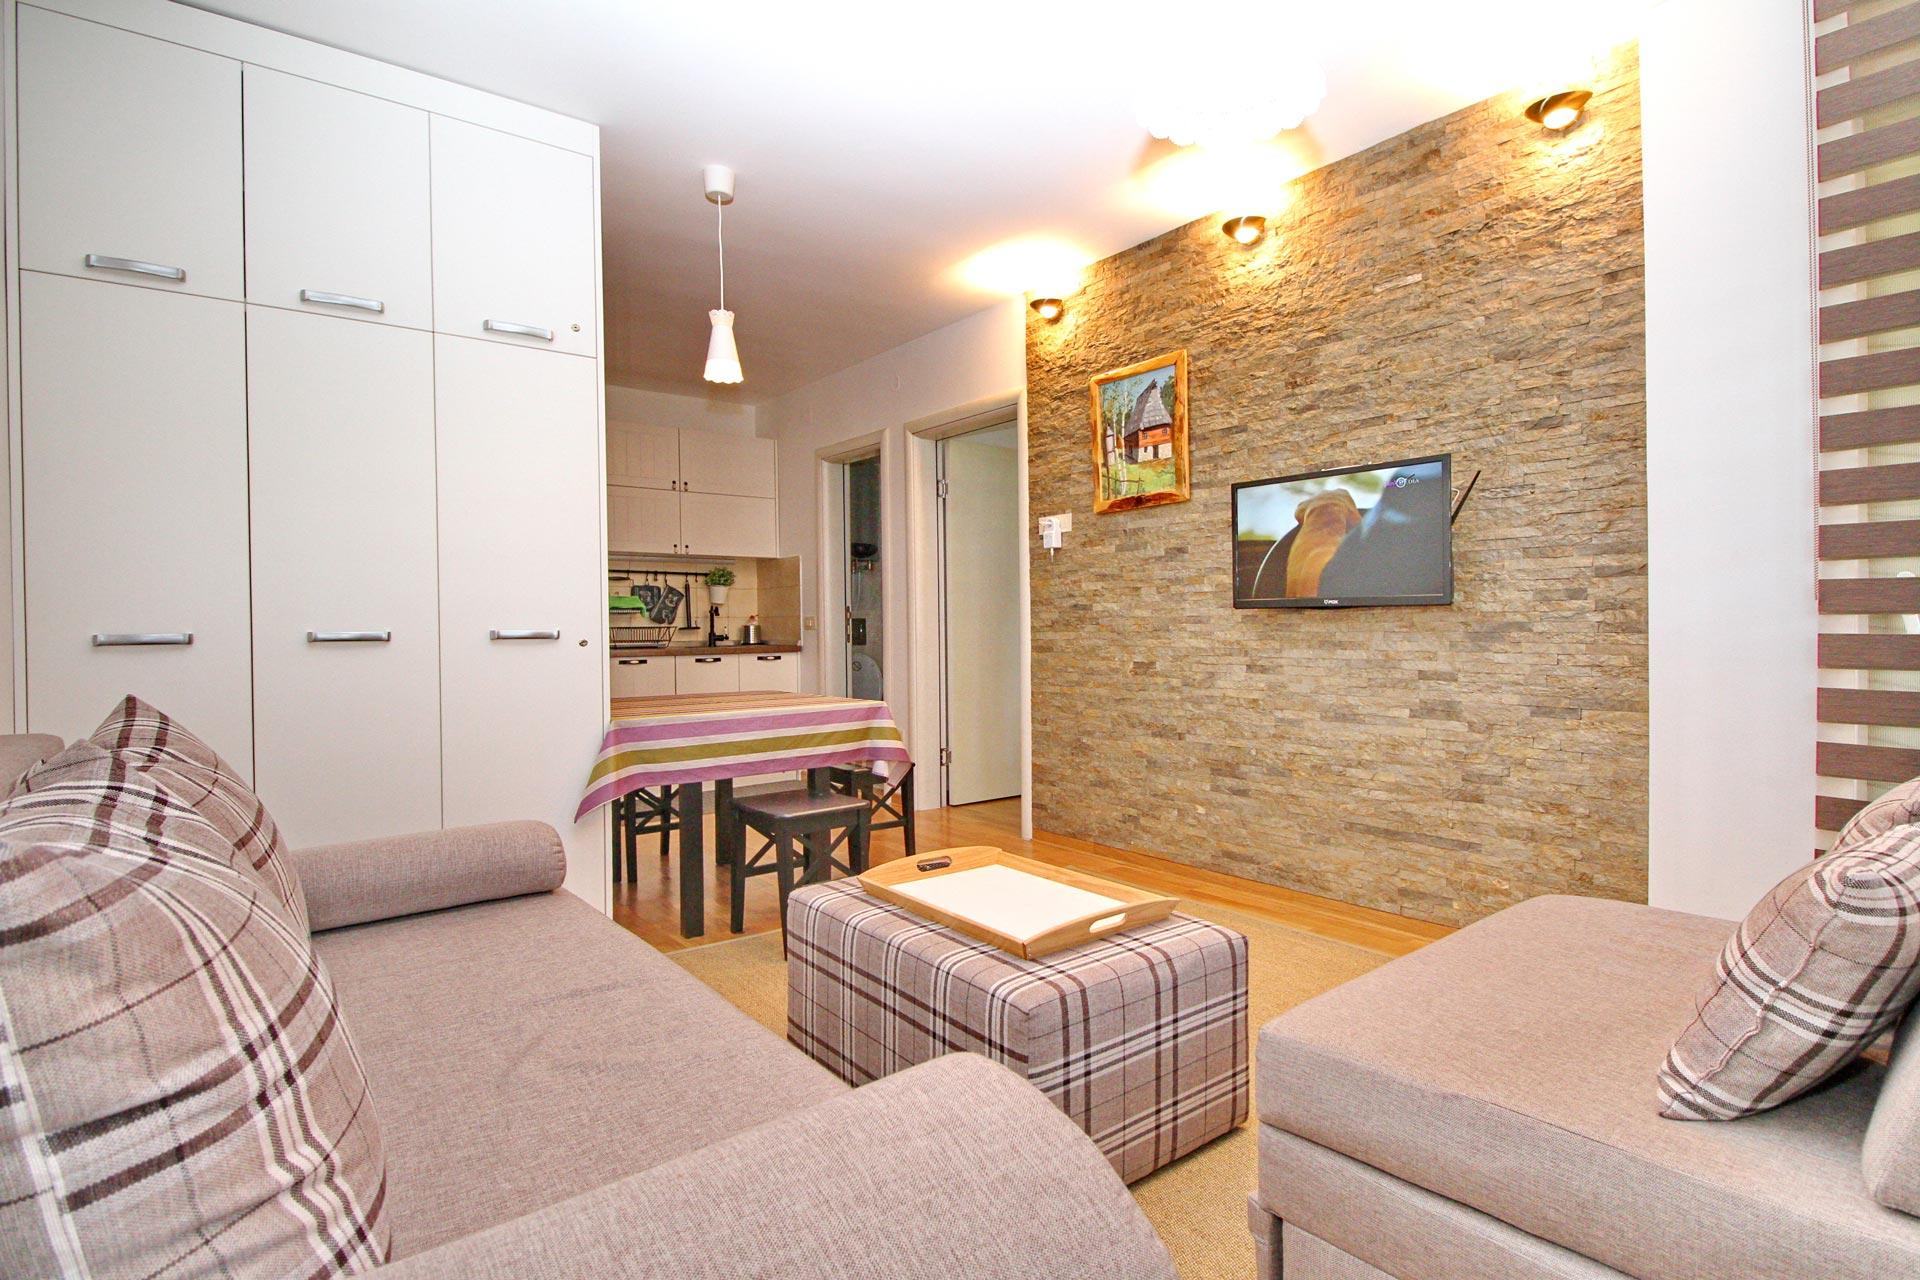 Apartmani Trendy Lux